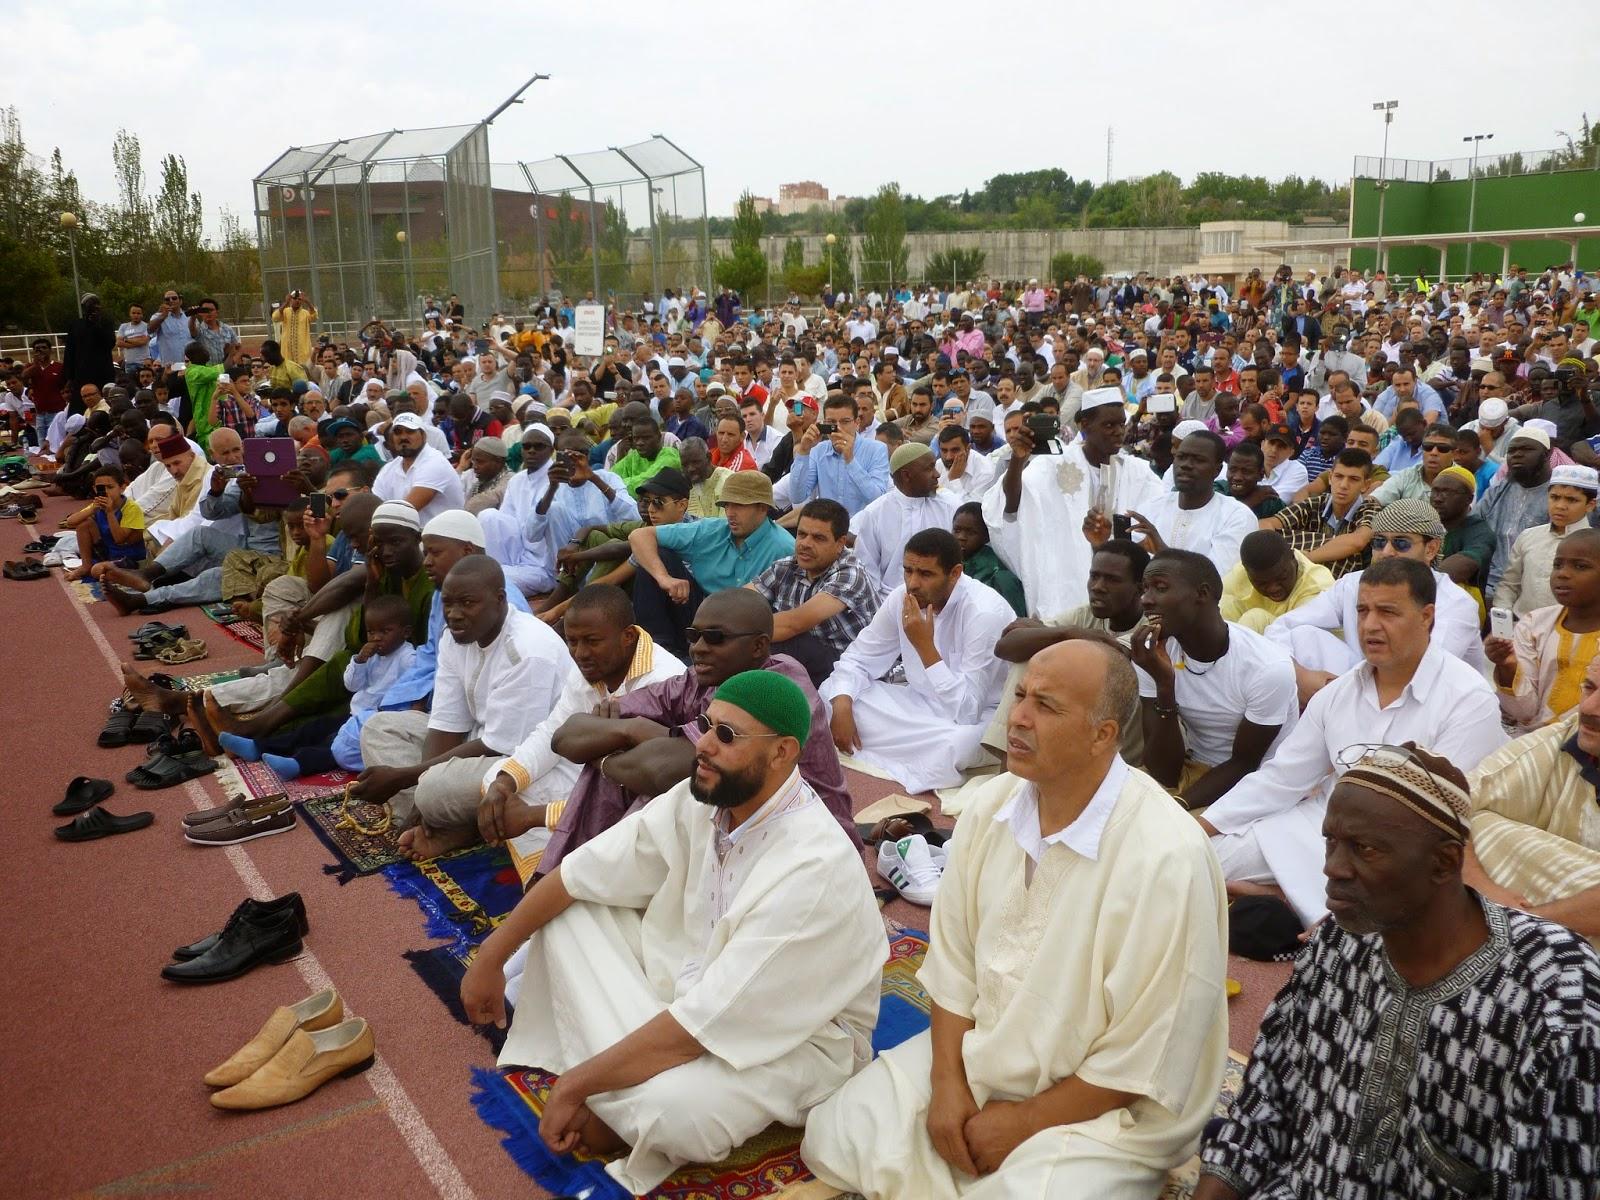 Más de 3.000 musulmanes celebran en Zaragoza el fin del Ramadán